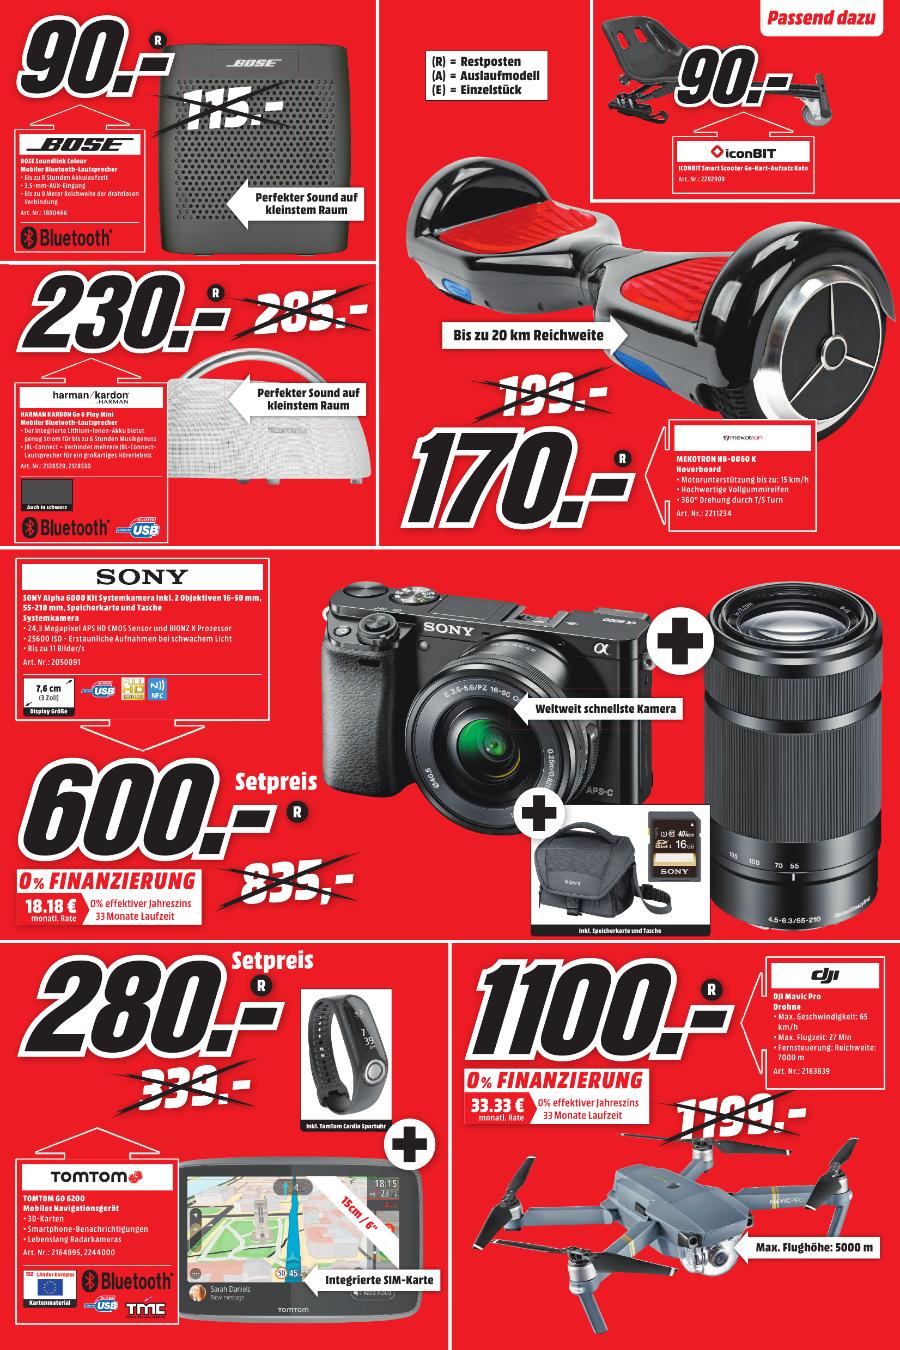 Lokal Media Markt Gütersloh Sony Alpha 6000 mit 16-50mm und 55-210mm + Tasche + SD-Karte für 600,- Euro